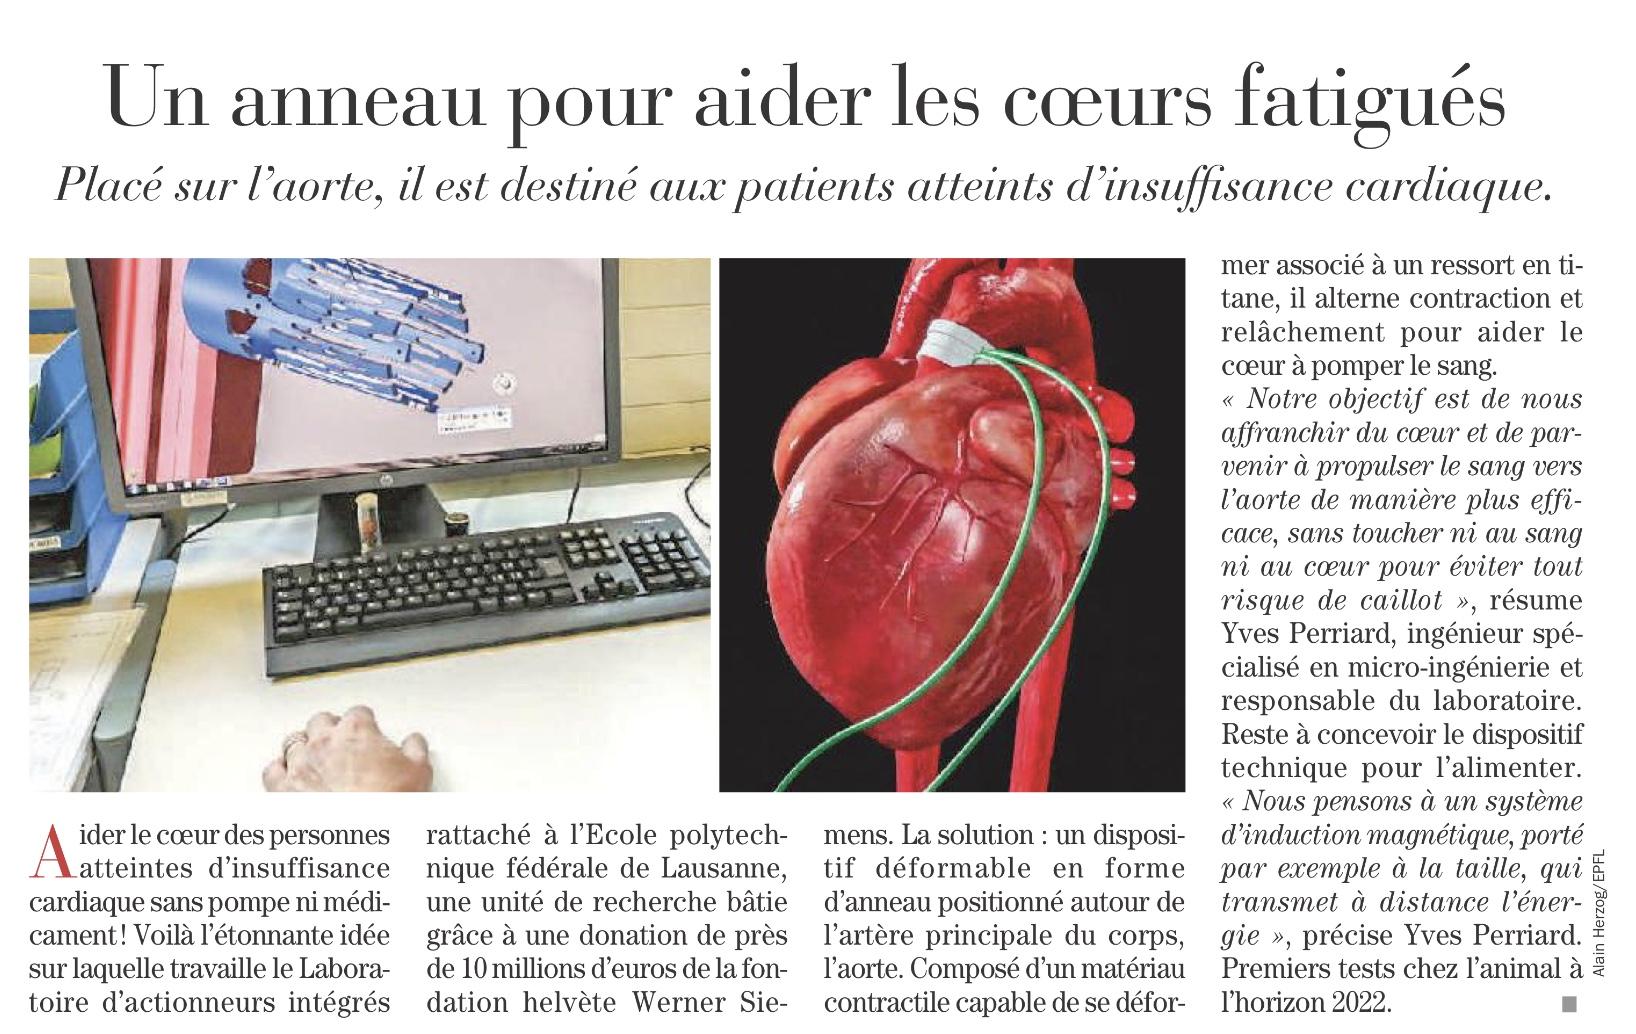 Anneau Cardiaque